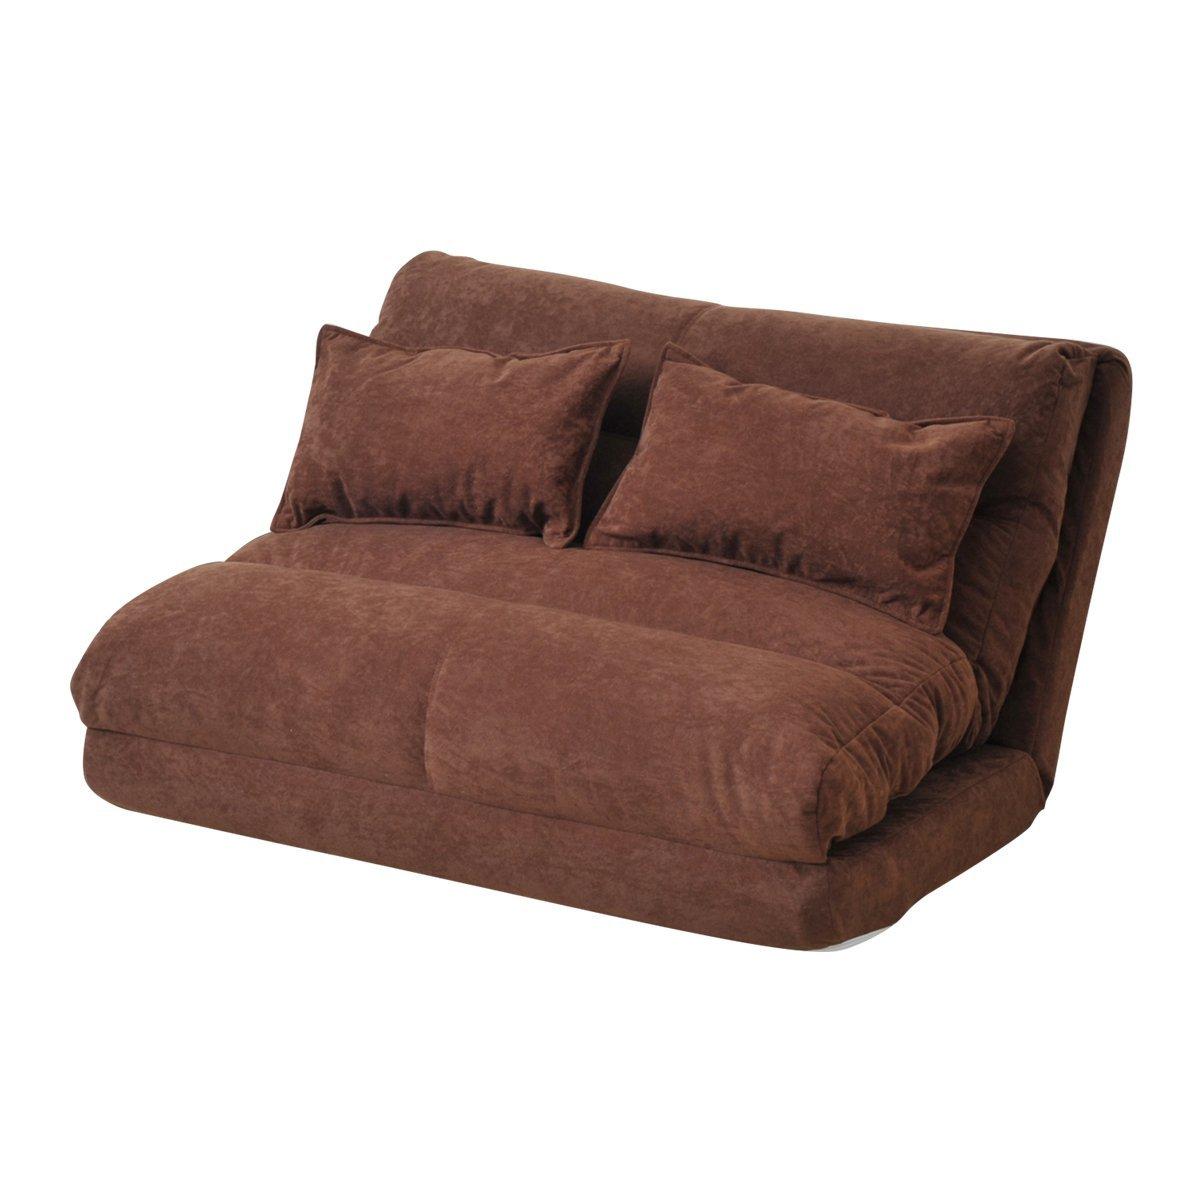 お部屋にぜひ設置したい☆折りたたみ式のソファベッドを紹介します☆のサムネイル画像